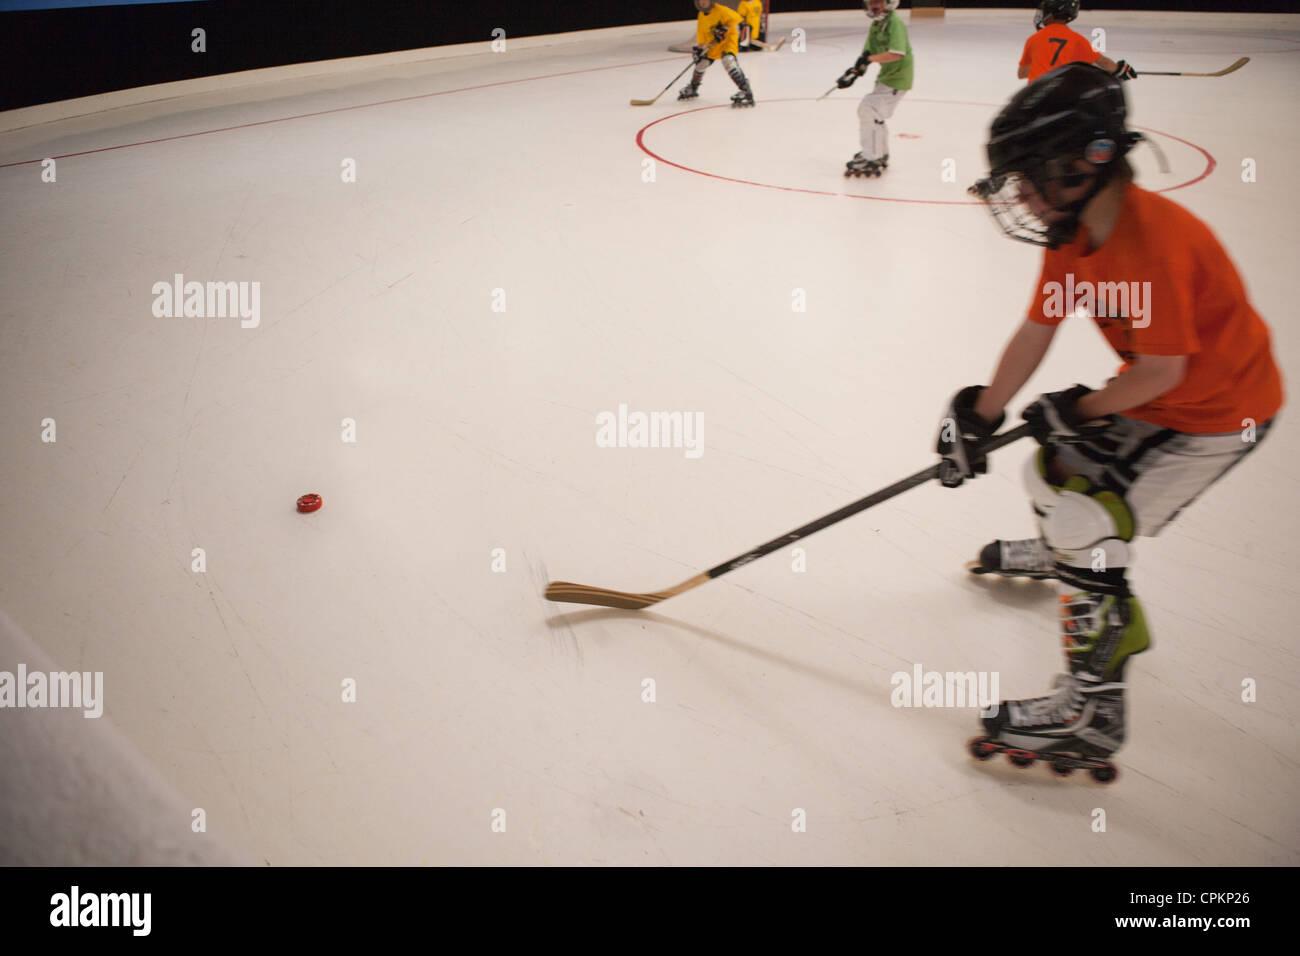 Giocatore di hockey, pattinaggio sul ghiaccio, gioventù hockey league, mirando a puck. Immagini Stock